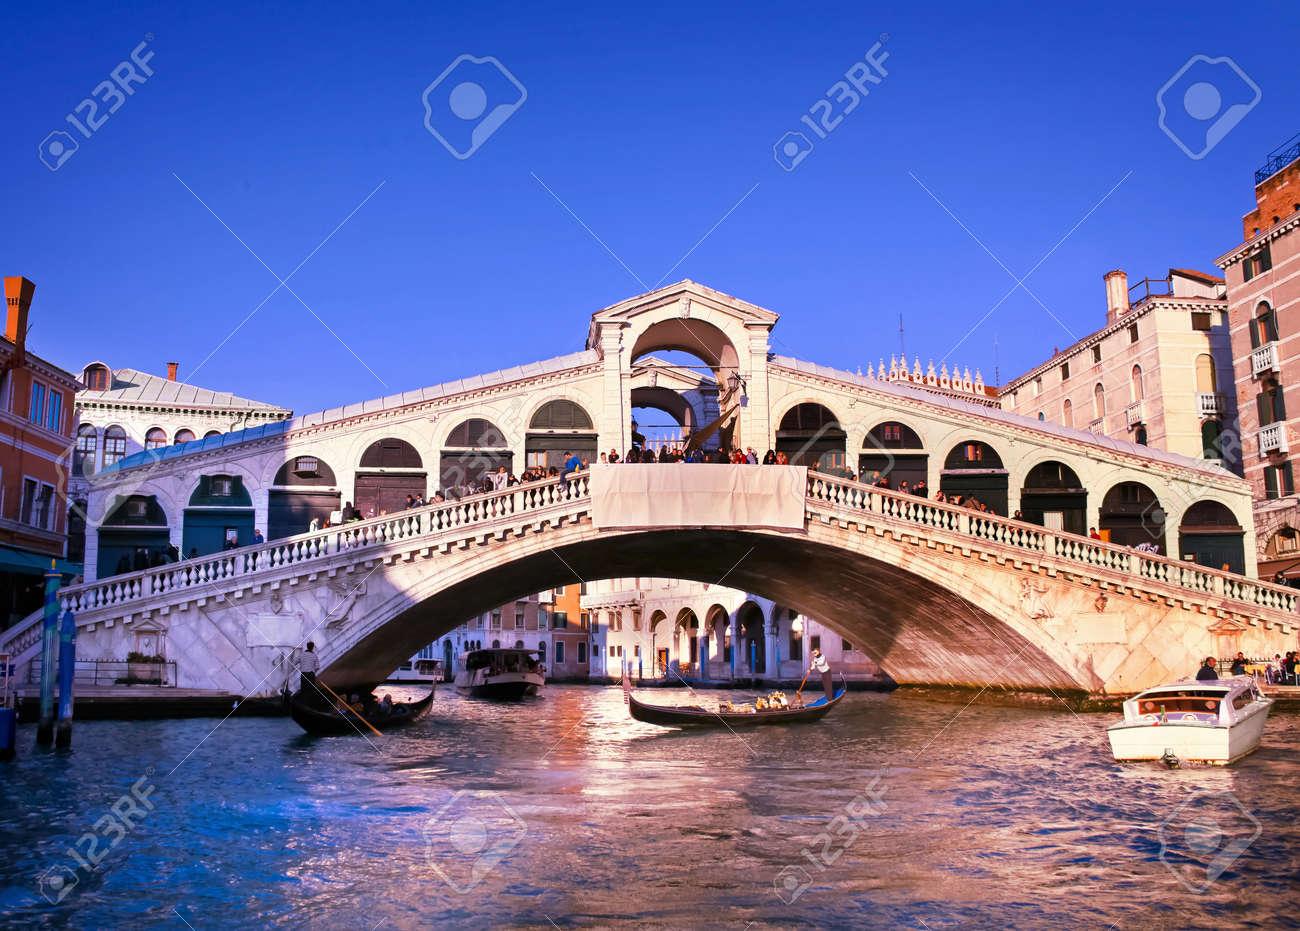 Colorful Rialto Bridge at Grand Canal, Venice, Italy. - 12903794